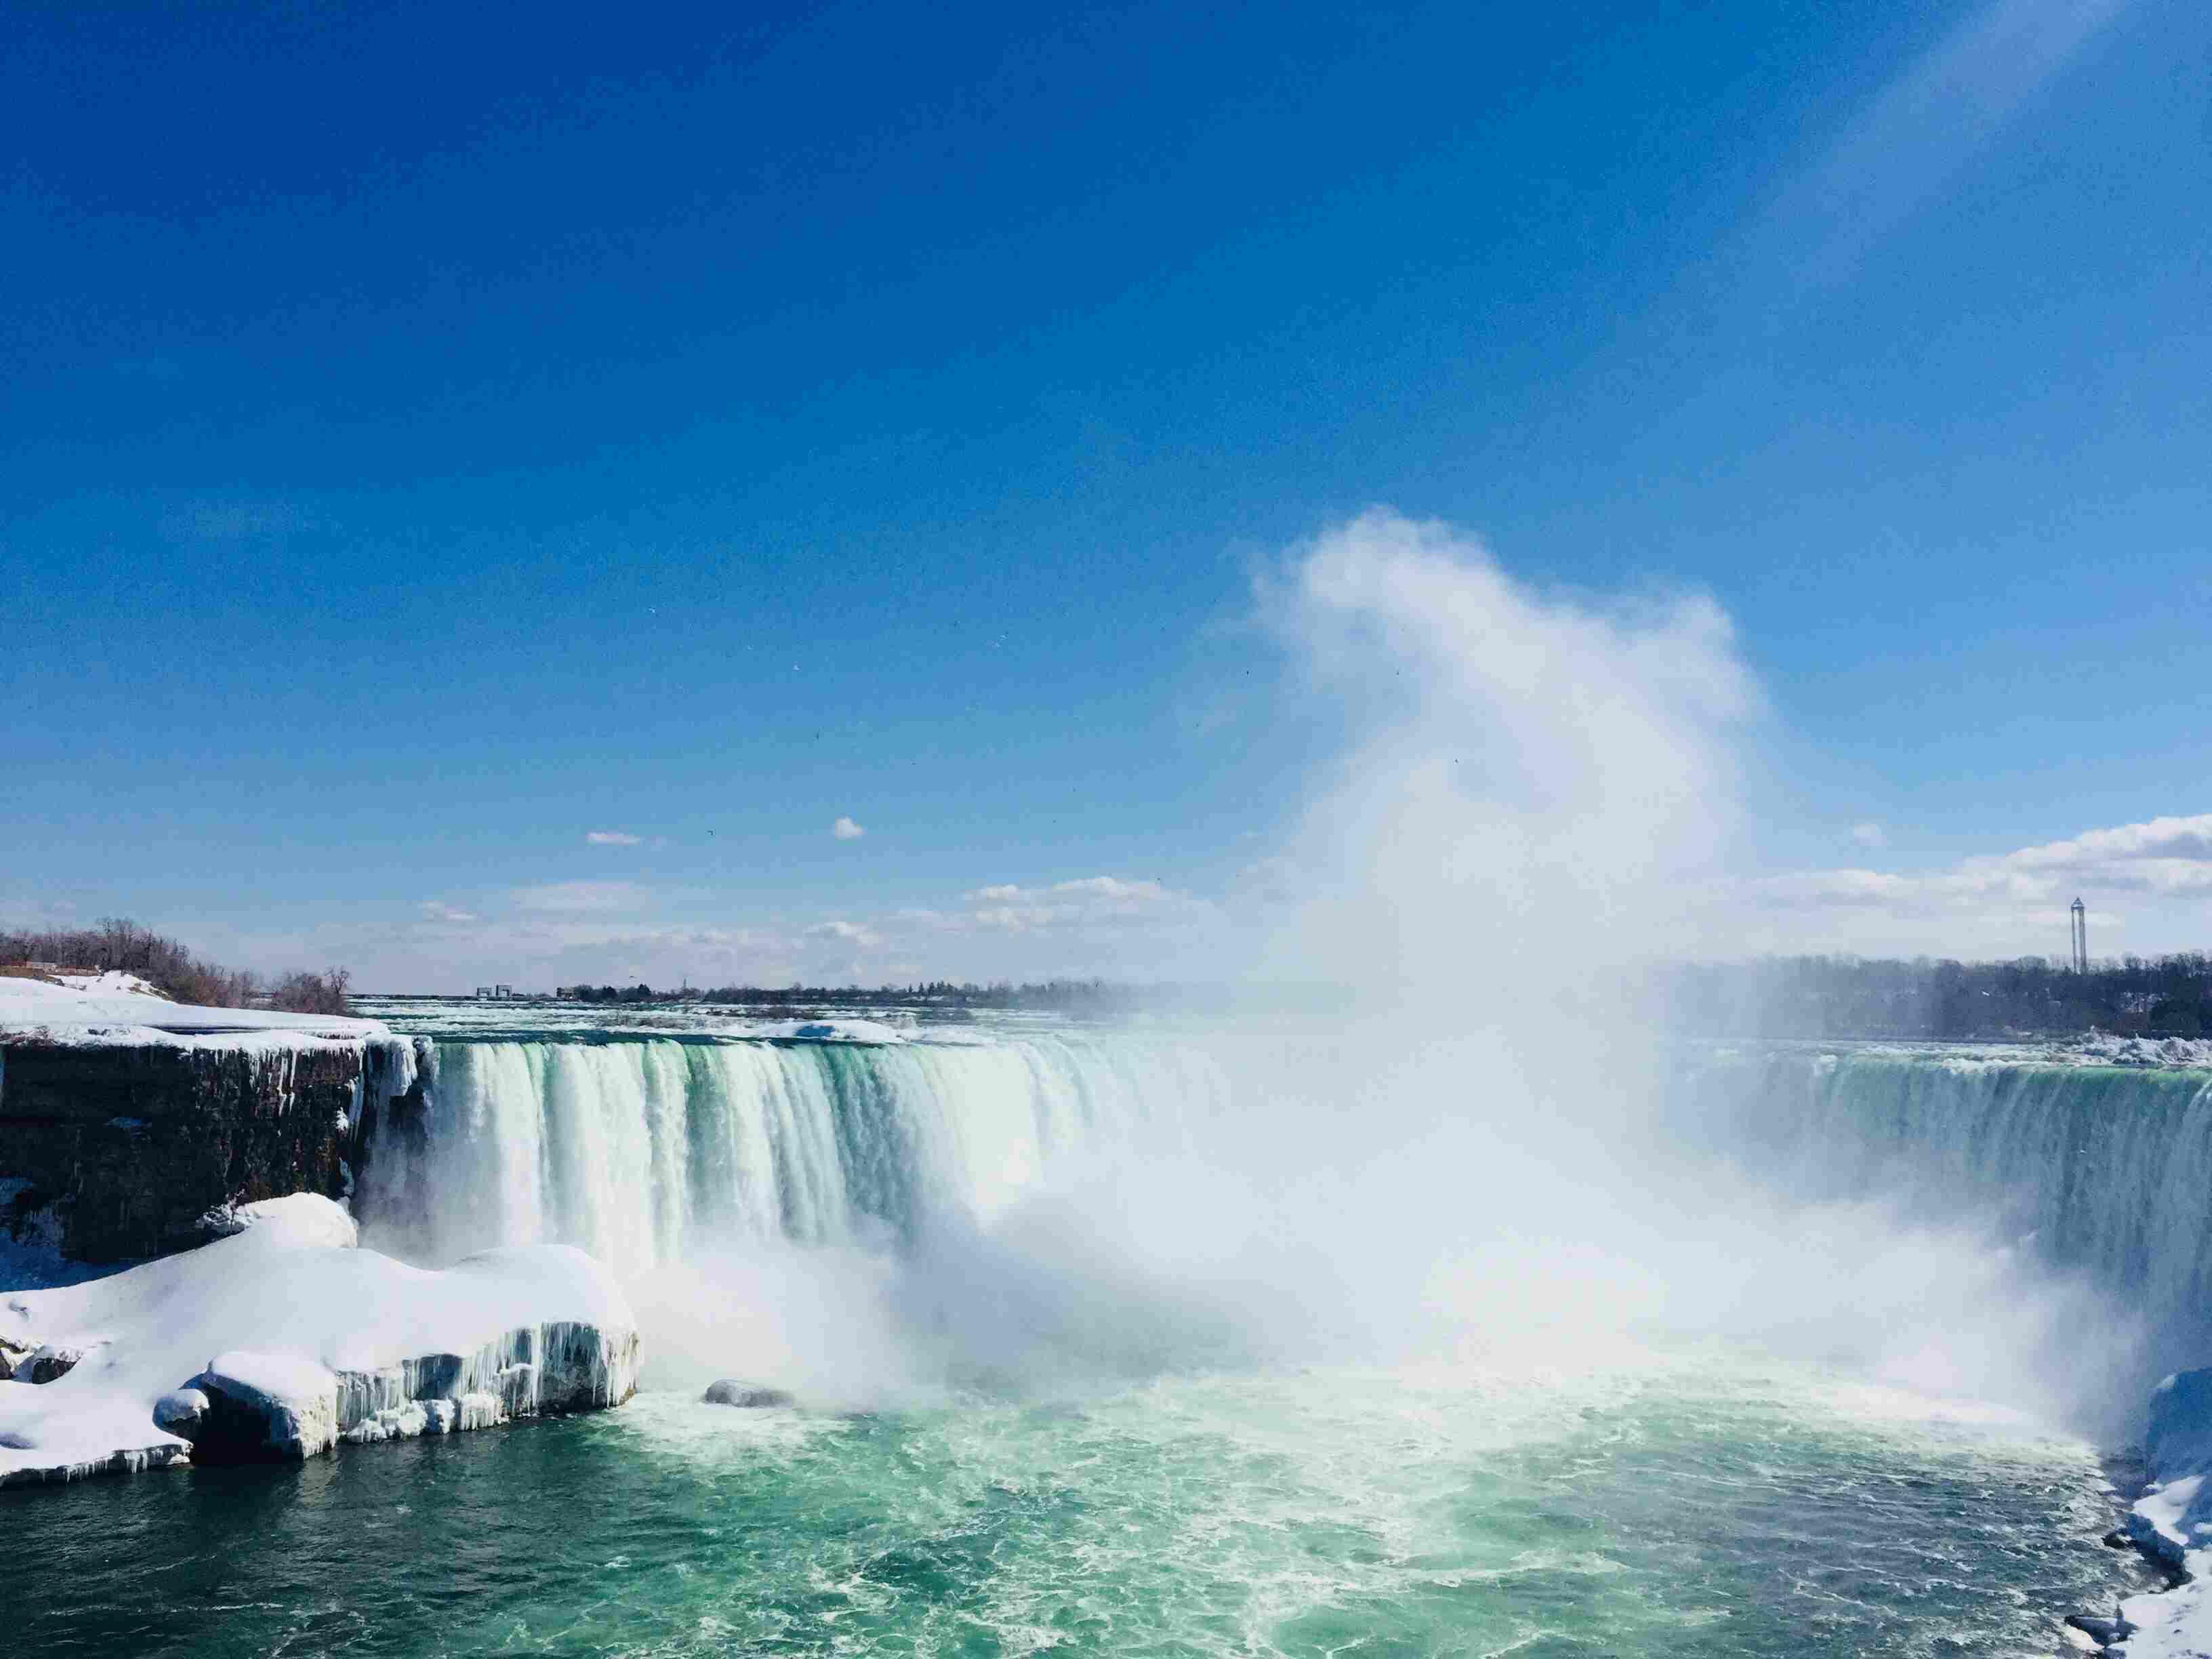 Niagara-On-The-Lake, Canada